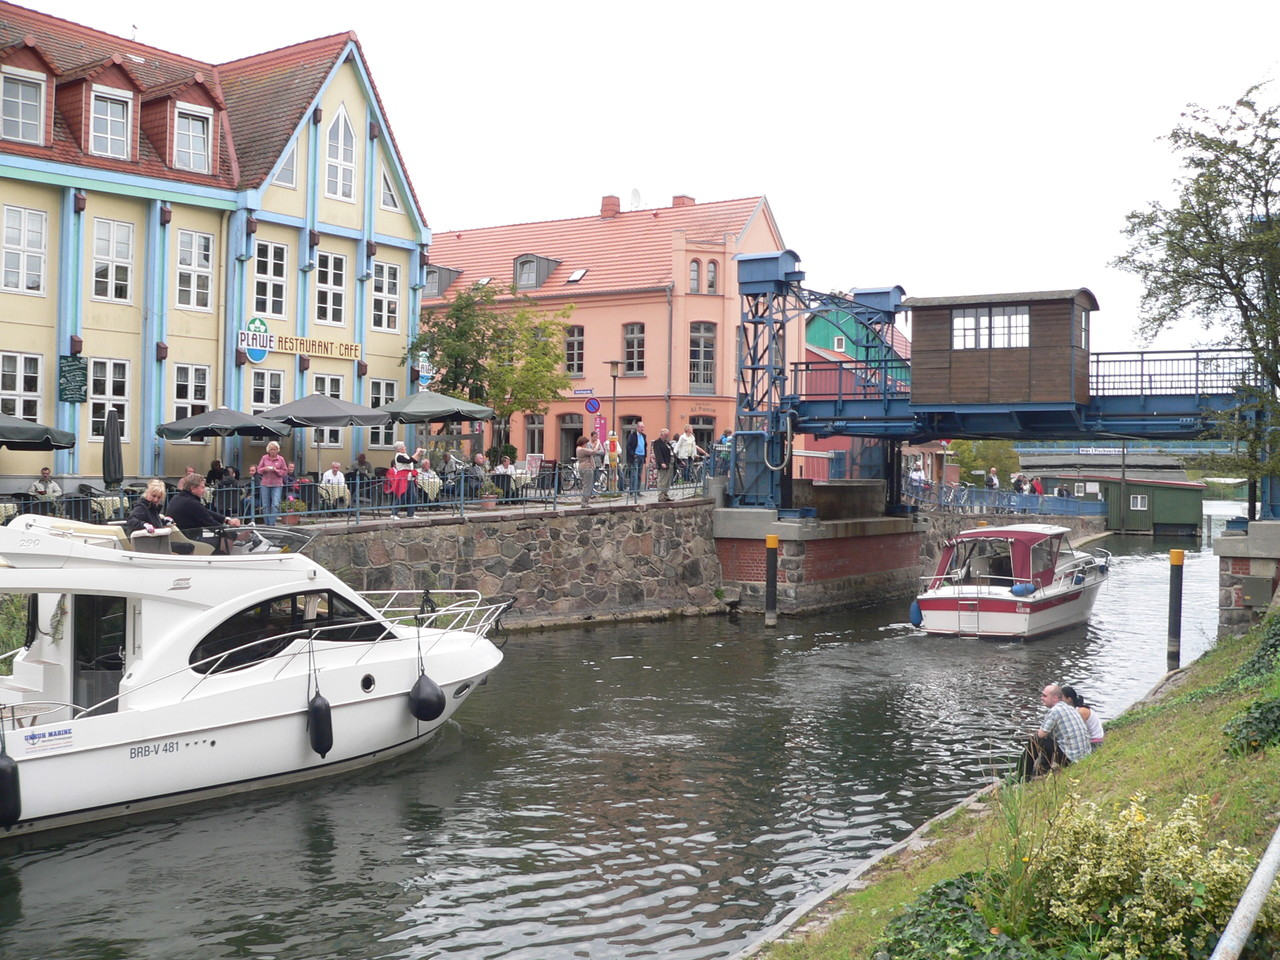 Direkt vor dem Haus der Blick auf die historische Hubbrücke und die malerische Altstadt